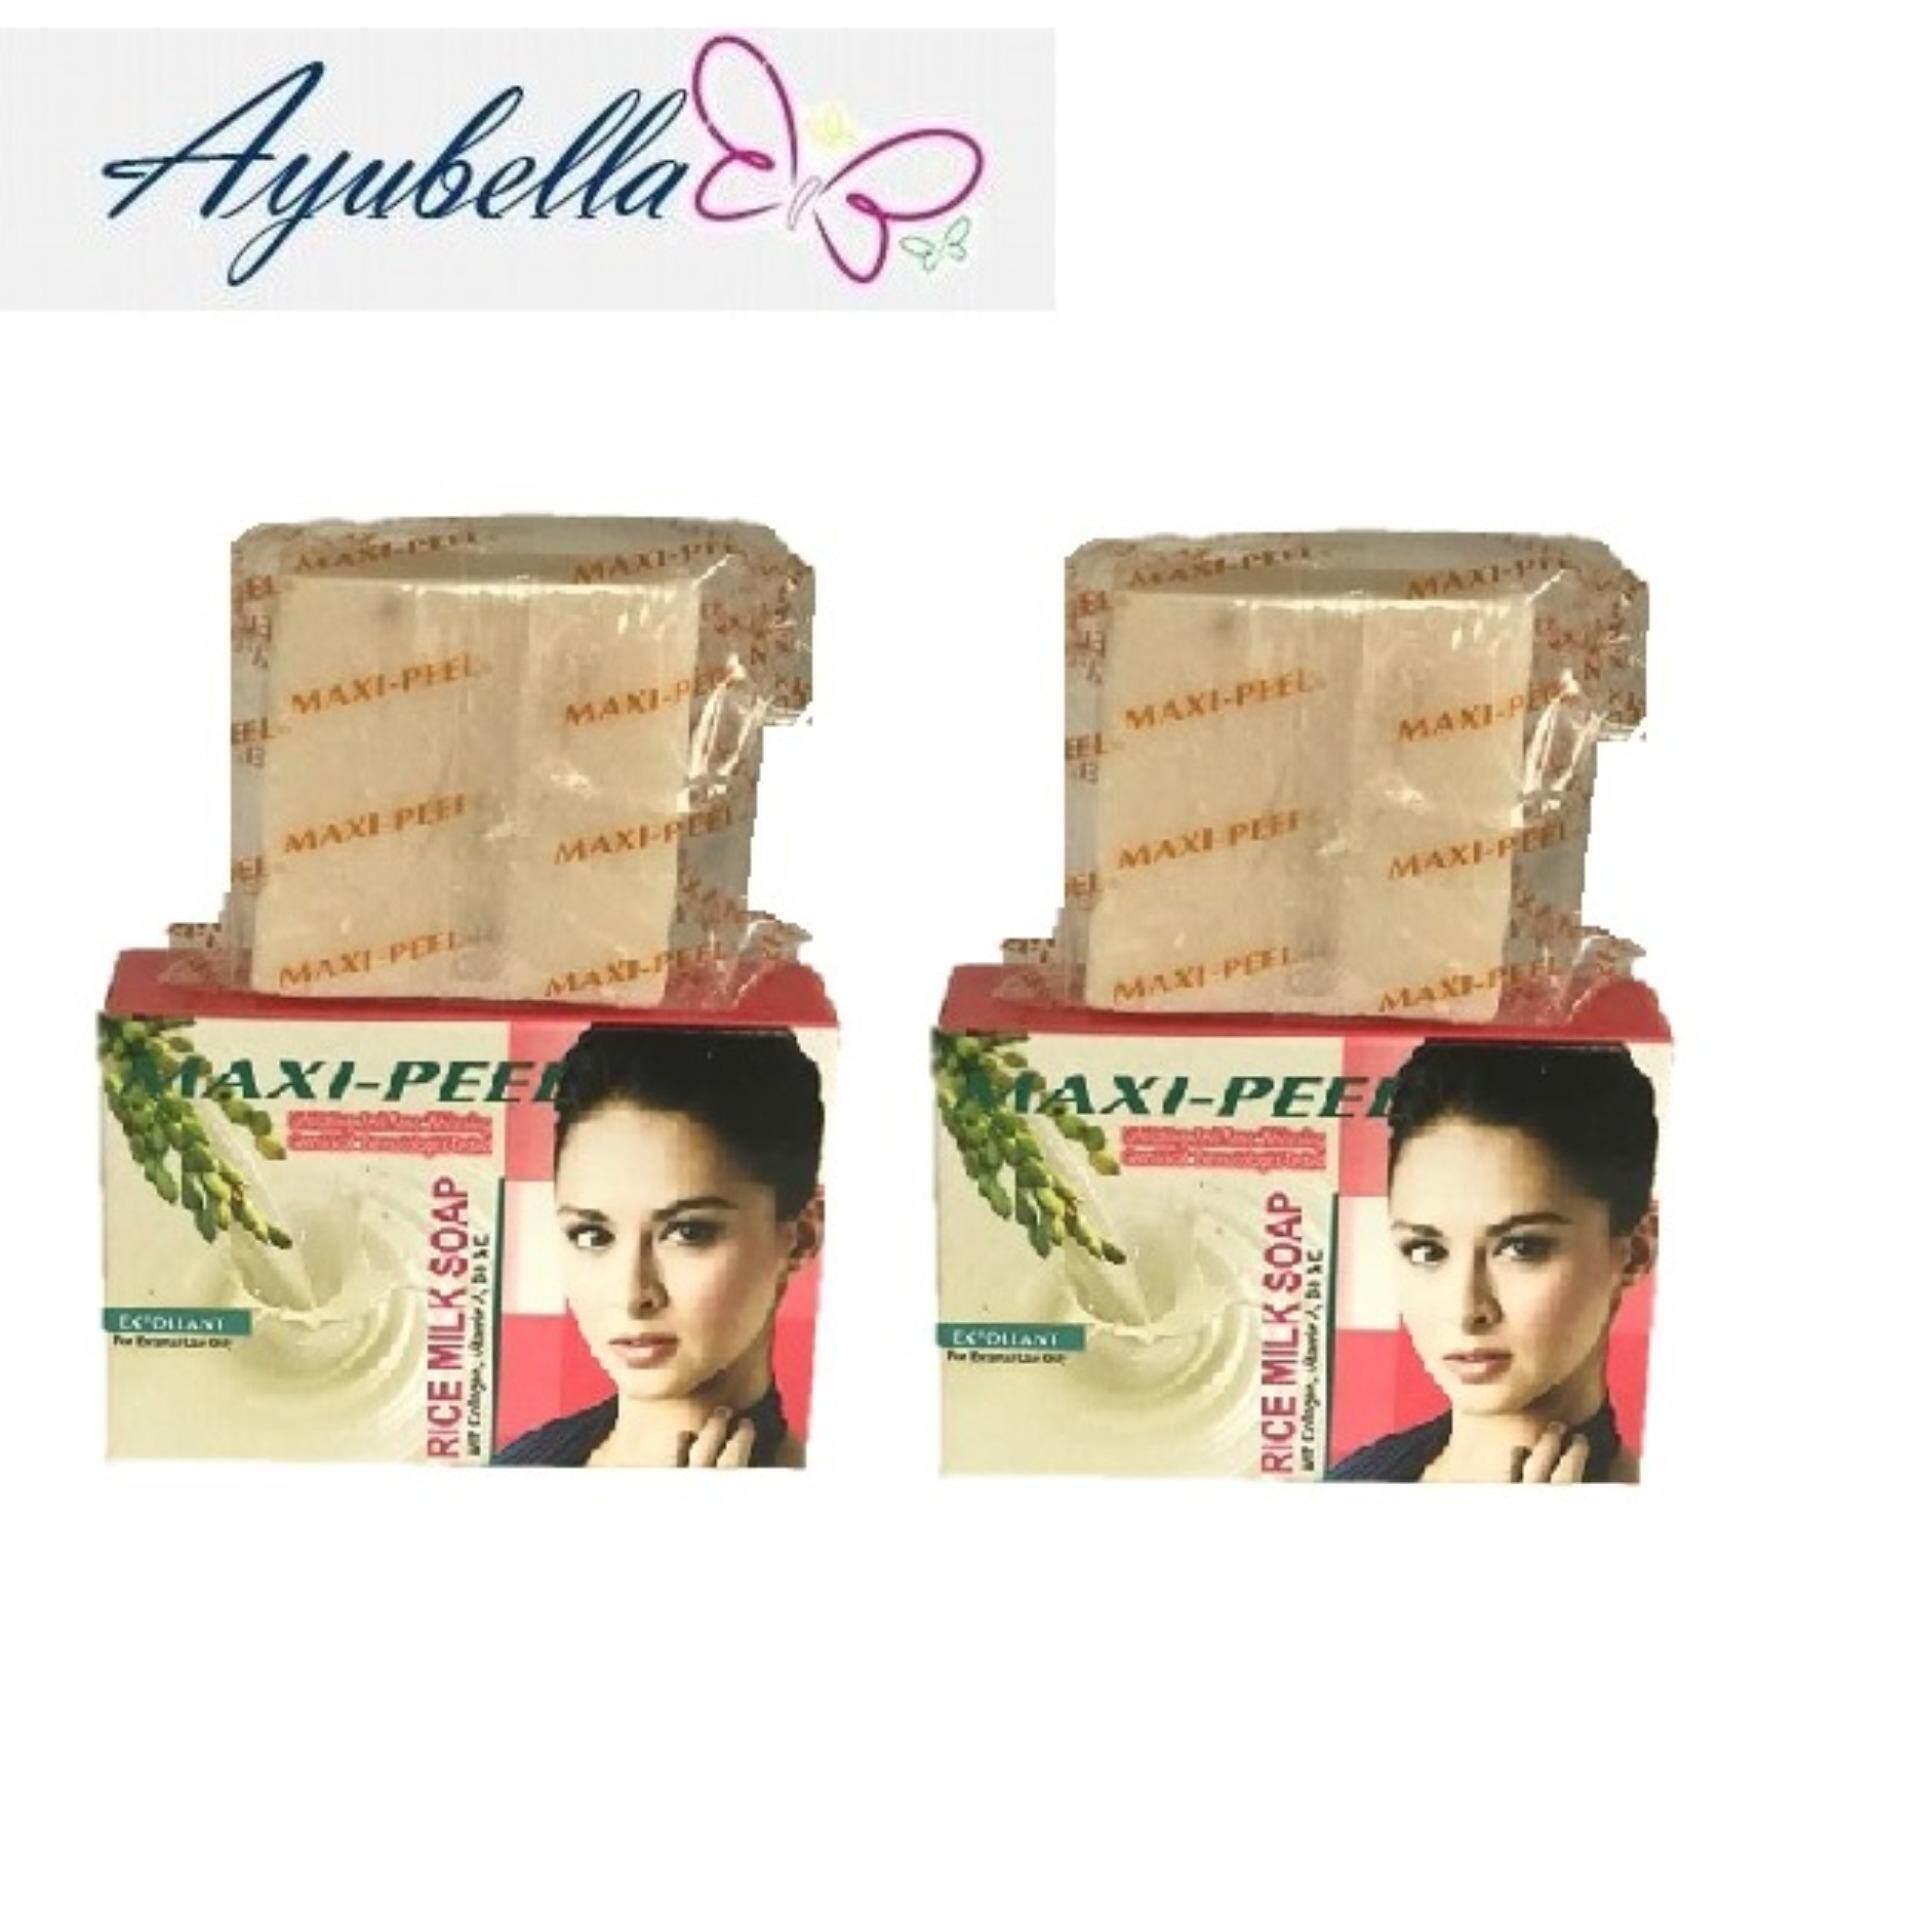 Maxi Peel Rice Milk Soap 70g (Original from Philippine) x 2